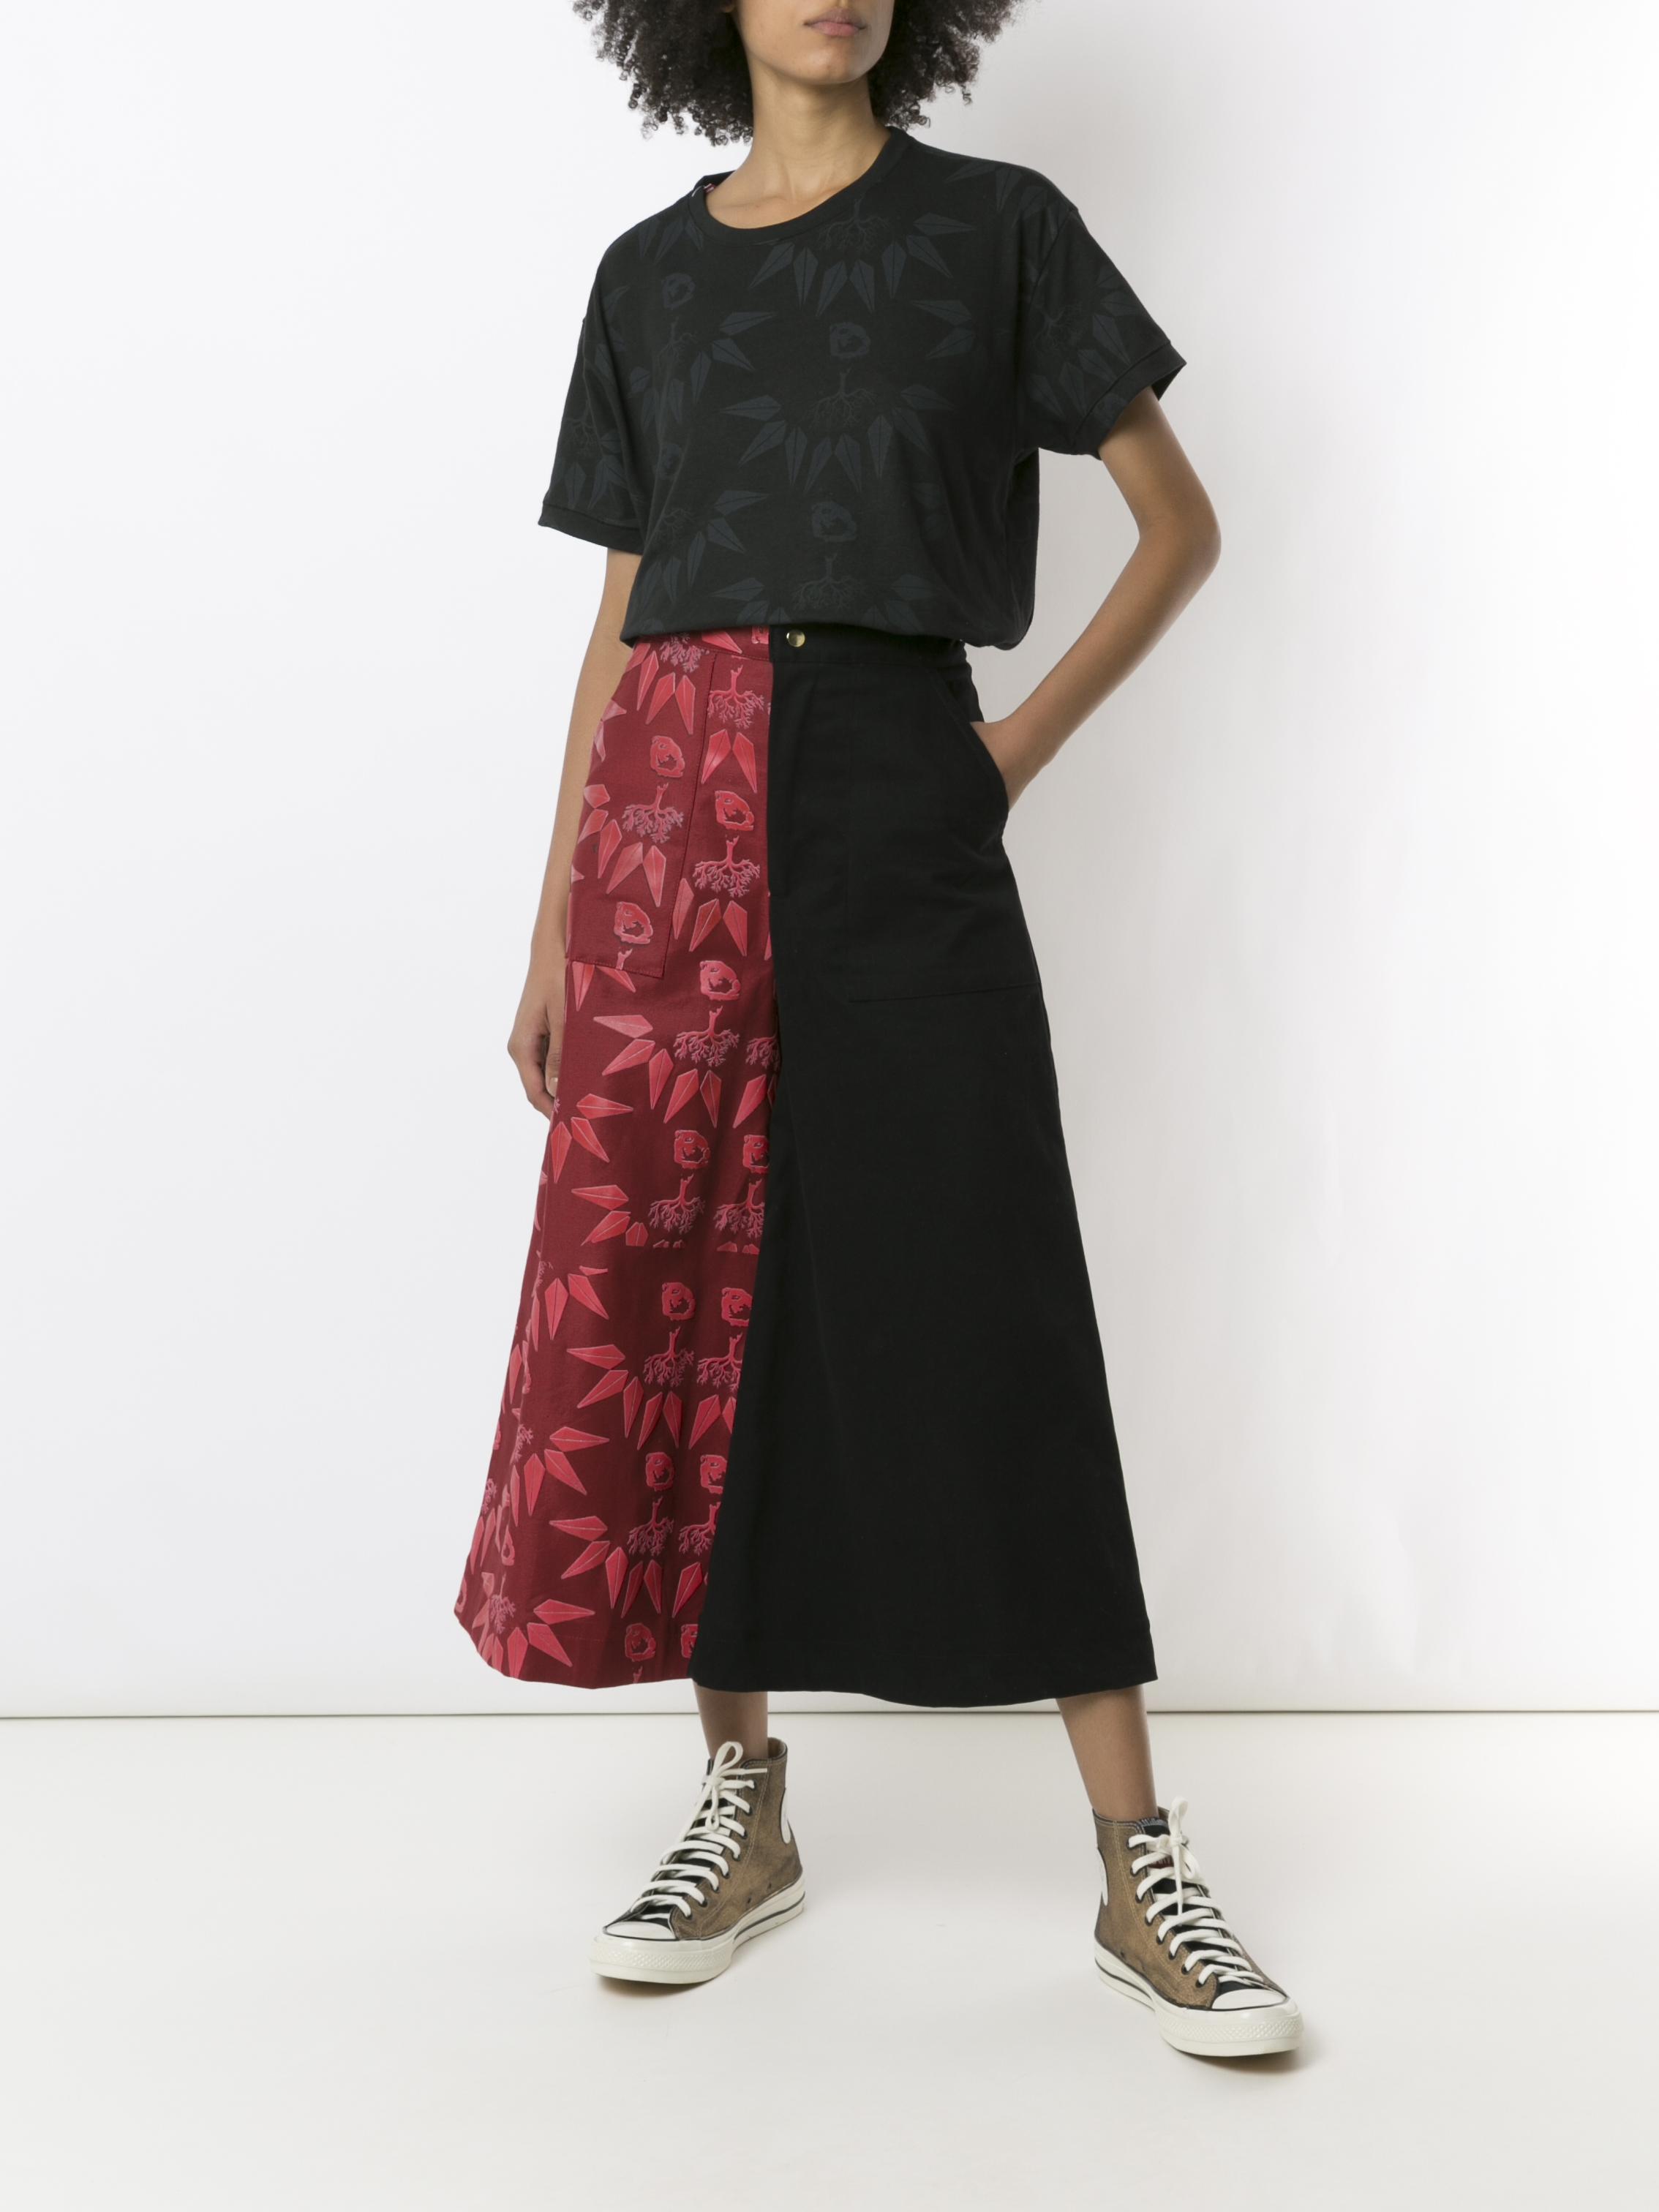 Modelo usando camiseta feita pela ONG Orientavida que faz parte da coleção Realeza, inspirada no filme Pantera Negra. A camiseta é preta e está combinada com uma saia midi preta e vermelha e tênis All Star. A modelo está com uma das mãos no bolso.